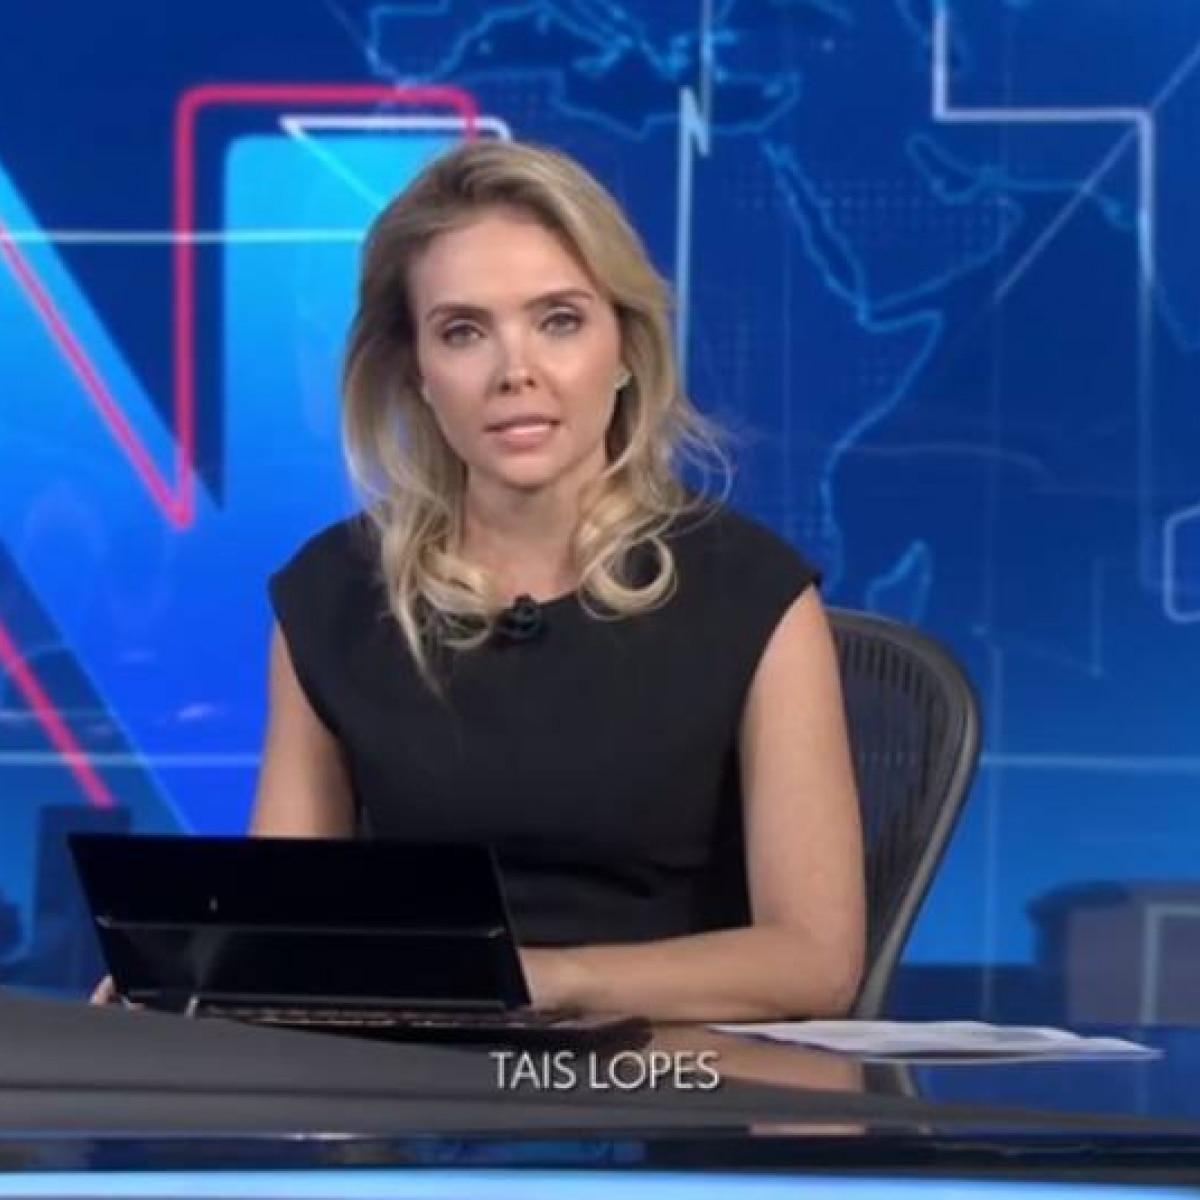 Cnn Brasil Anuncia Contratação De Taís Lopes Jornalista Da